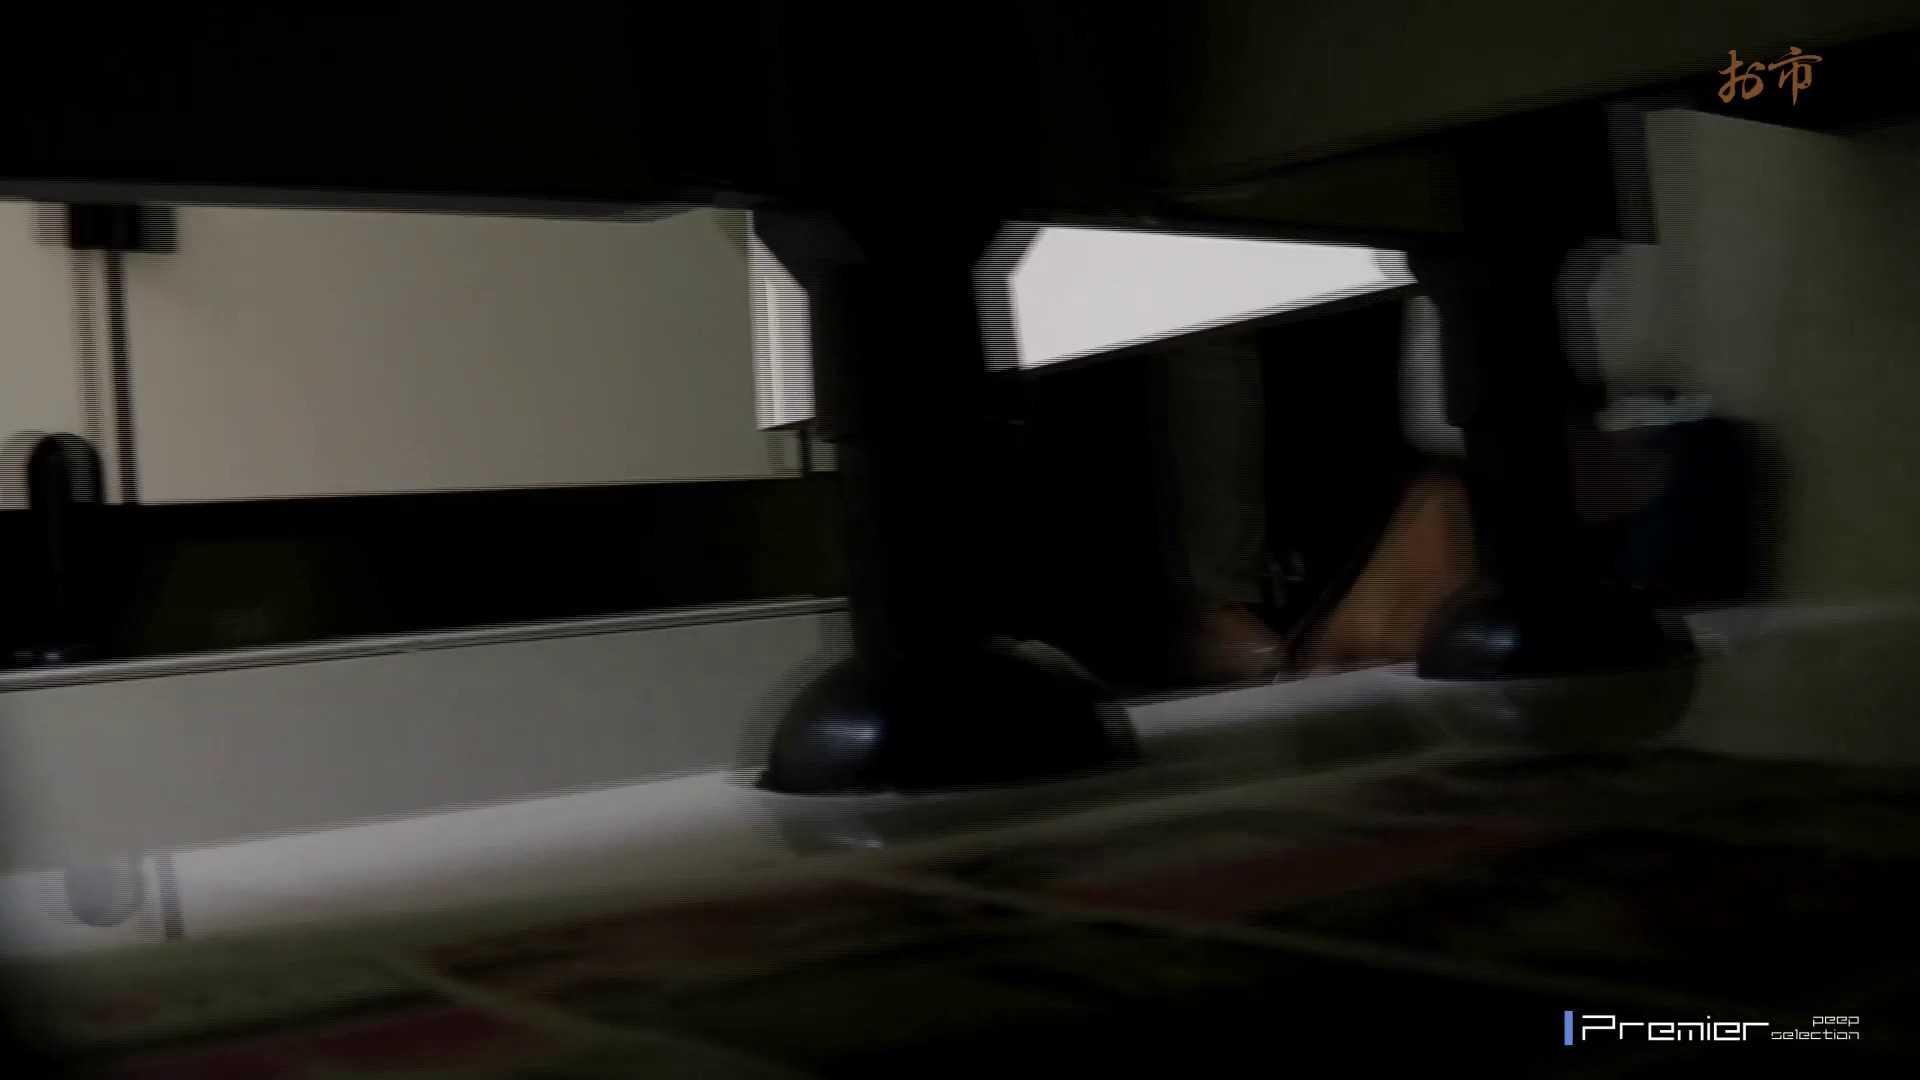 ヤリマンのオマンコ:お市さんの「お尻丸出しジャンボリー」14 列を眺めるのはここだけ!貴重なアングル:怪盗ジョーカー